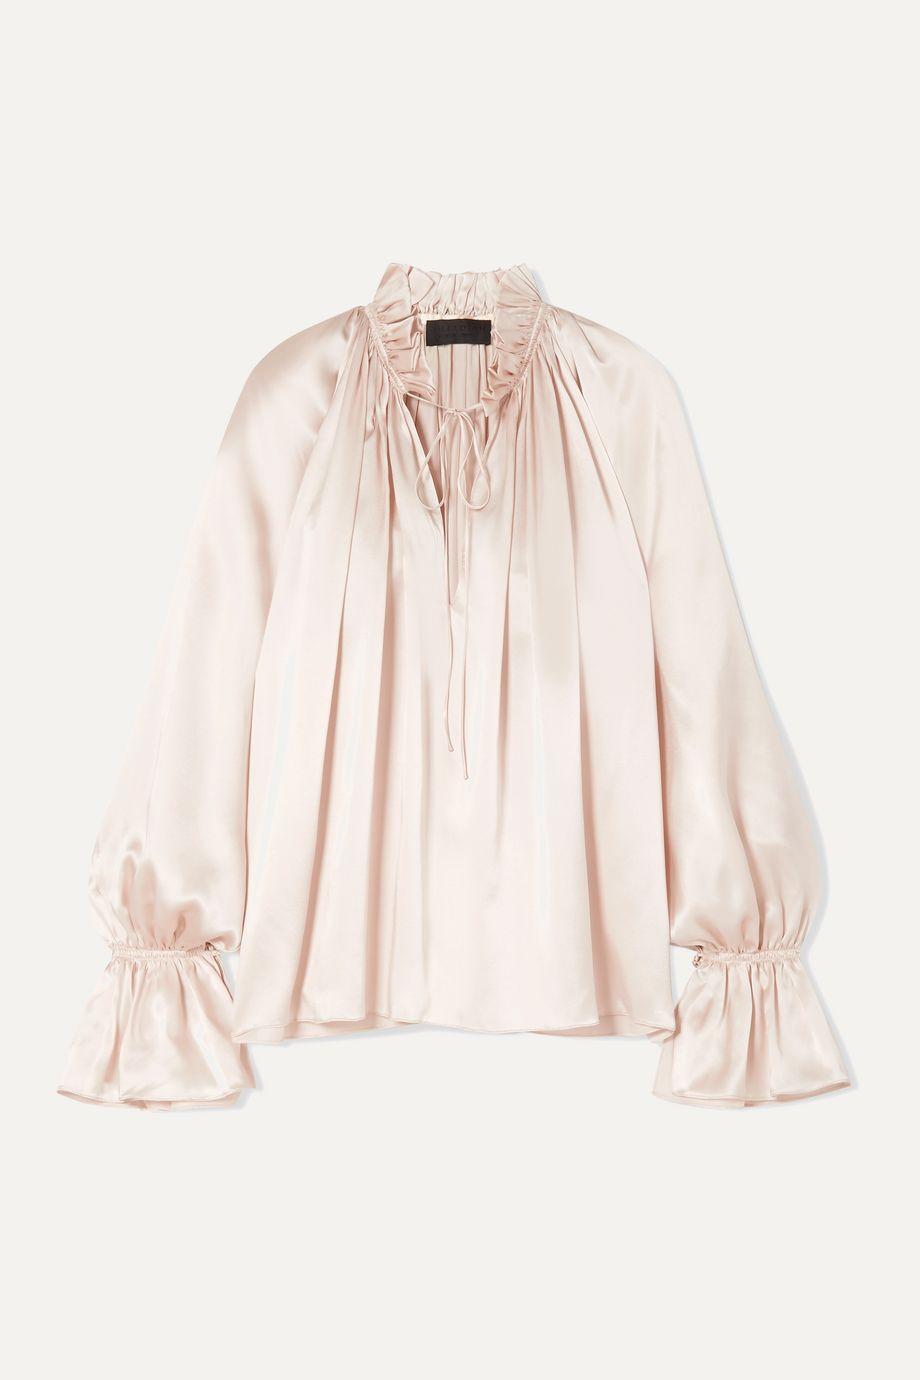 Nili Lotan Arizona tie-detailed gathered silk-charmeuse blouse